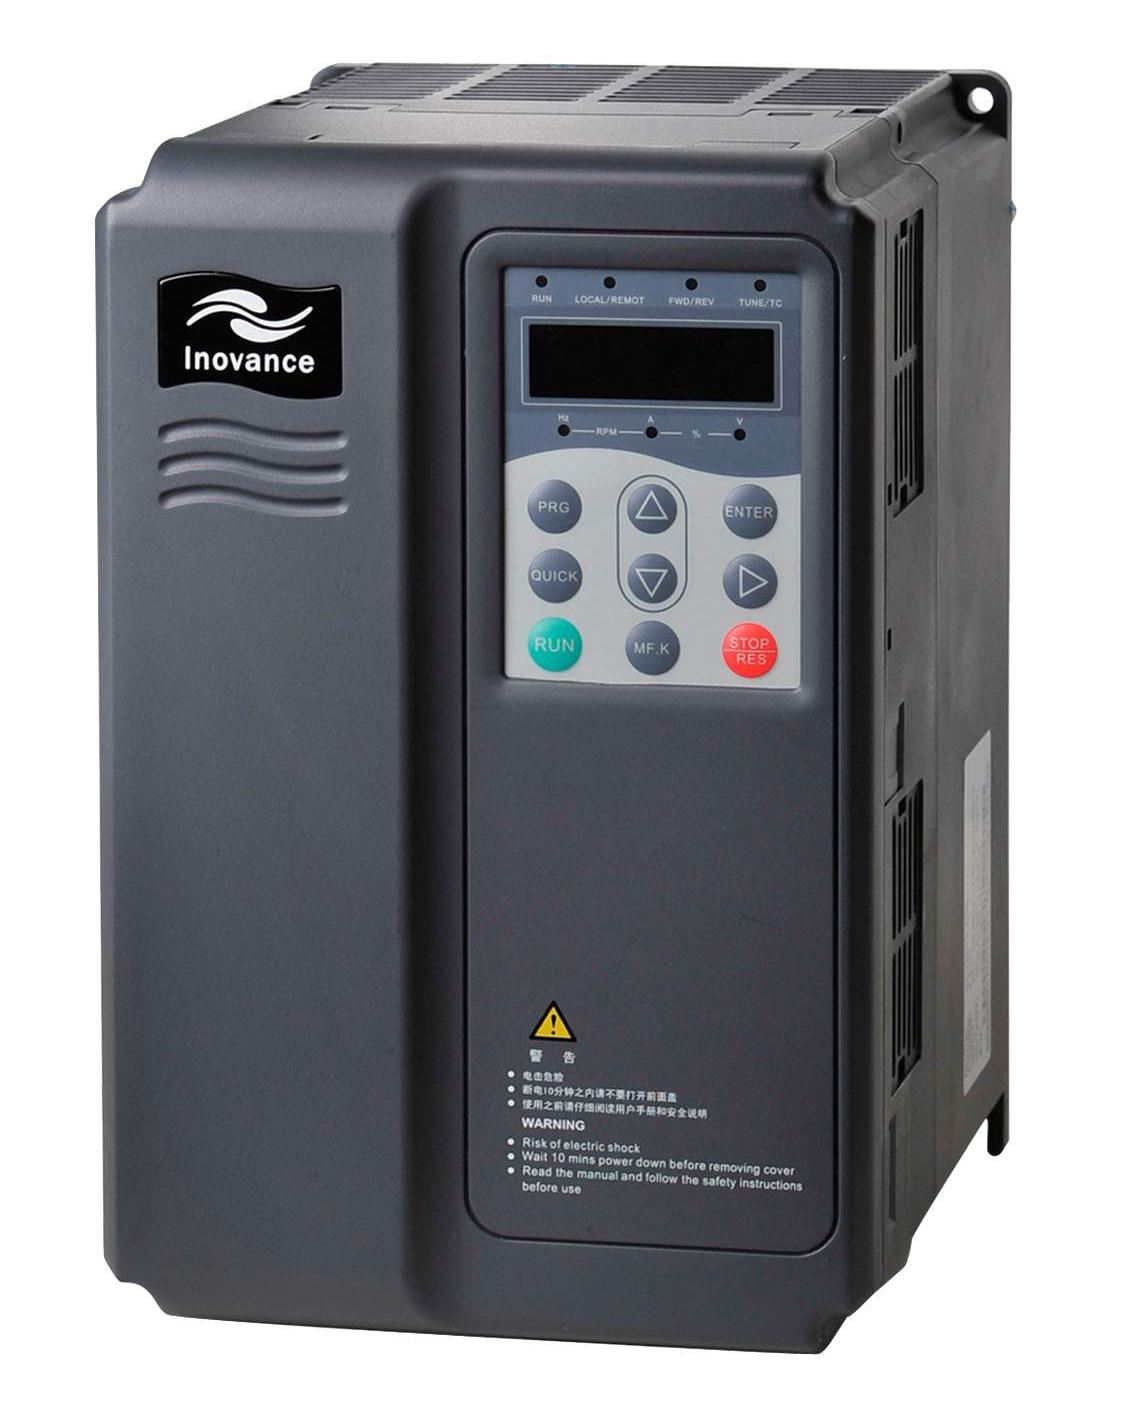 自動化儀器儀表產品代理及分銷